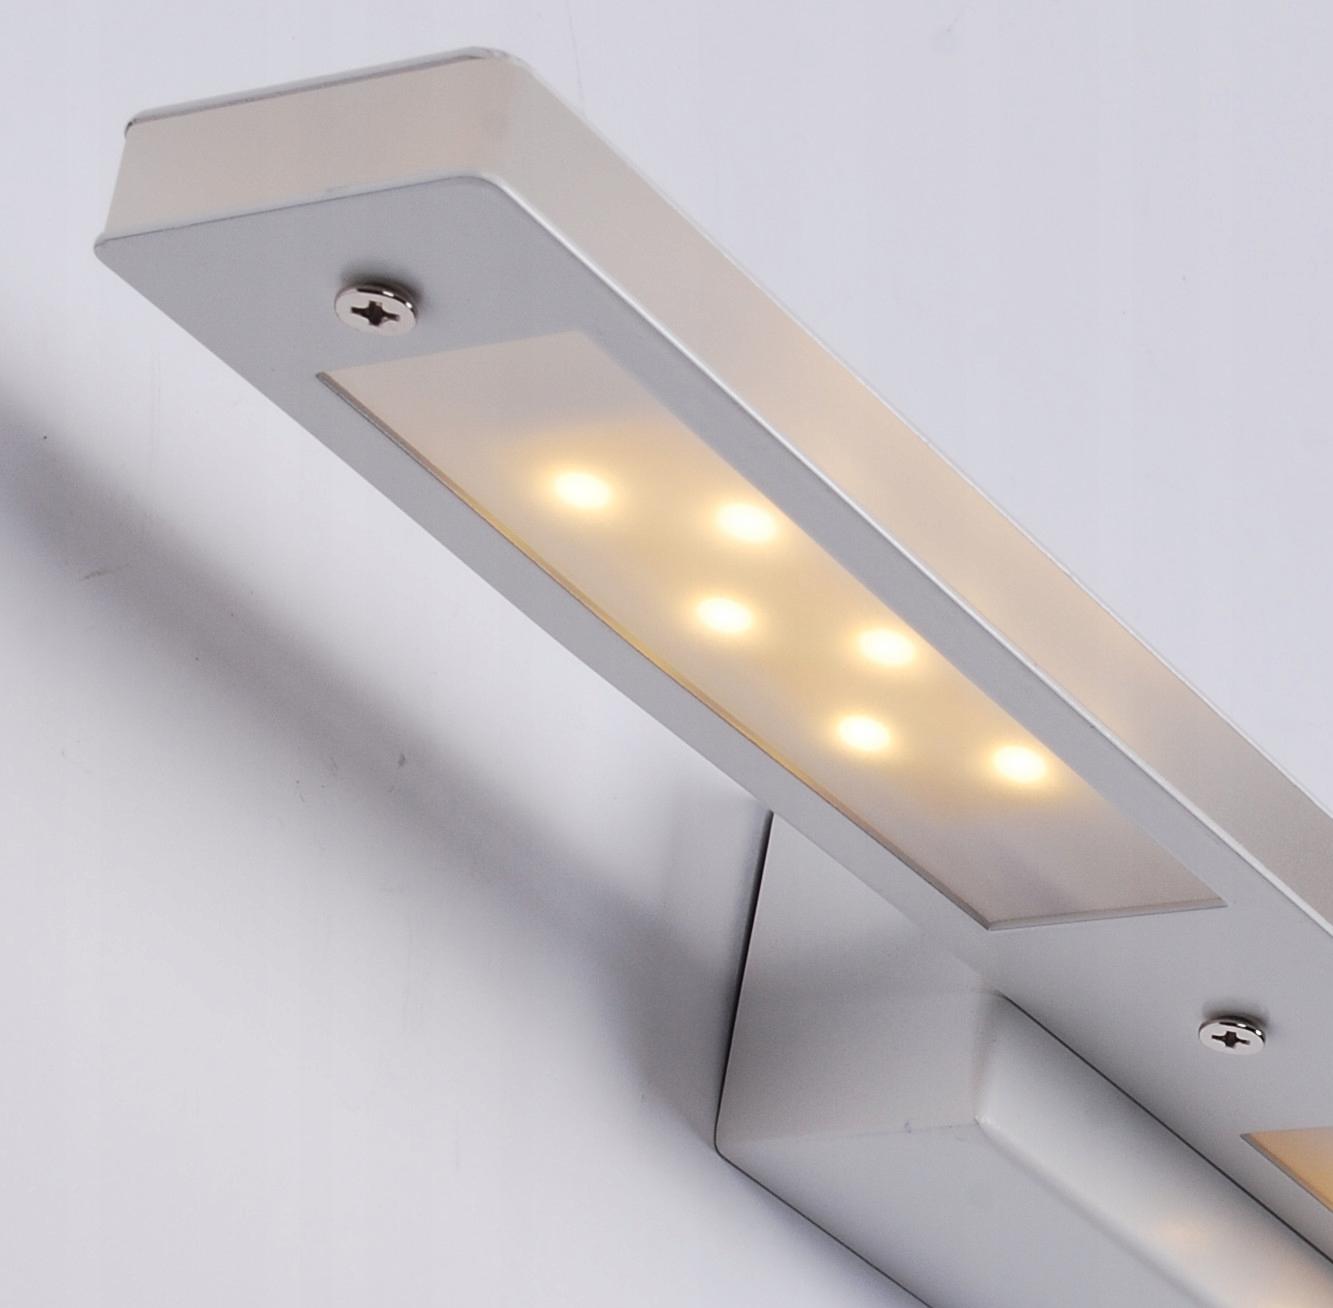 Kinkiet LED nad lustro lampa łazienka 43cm Biała